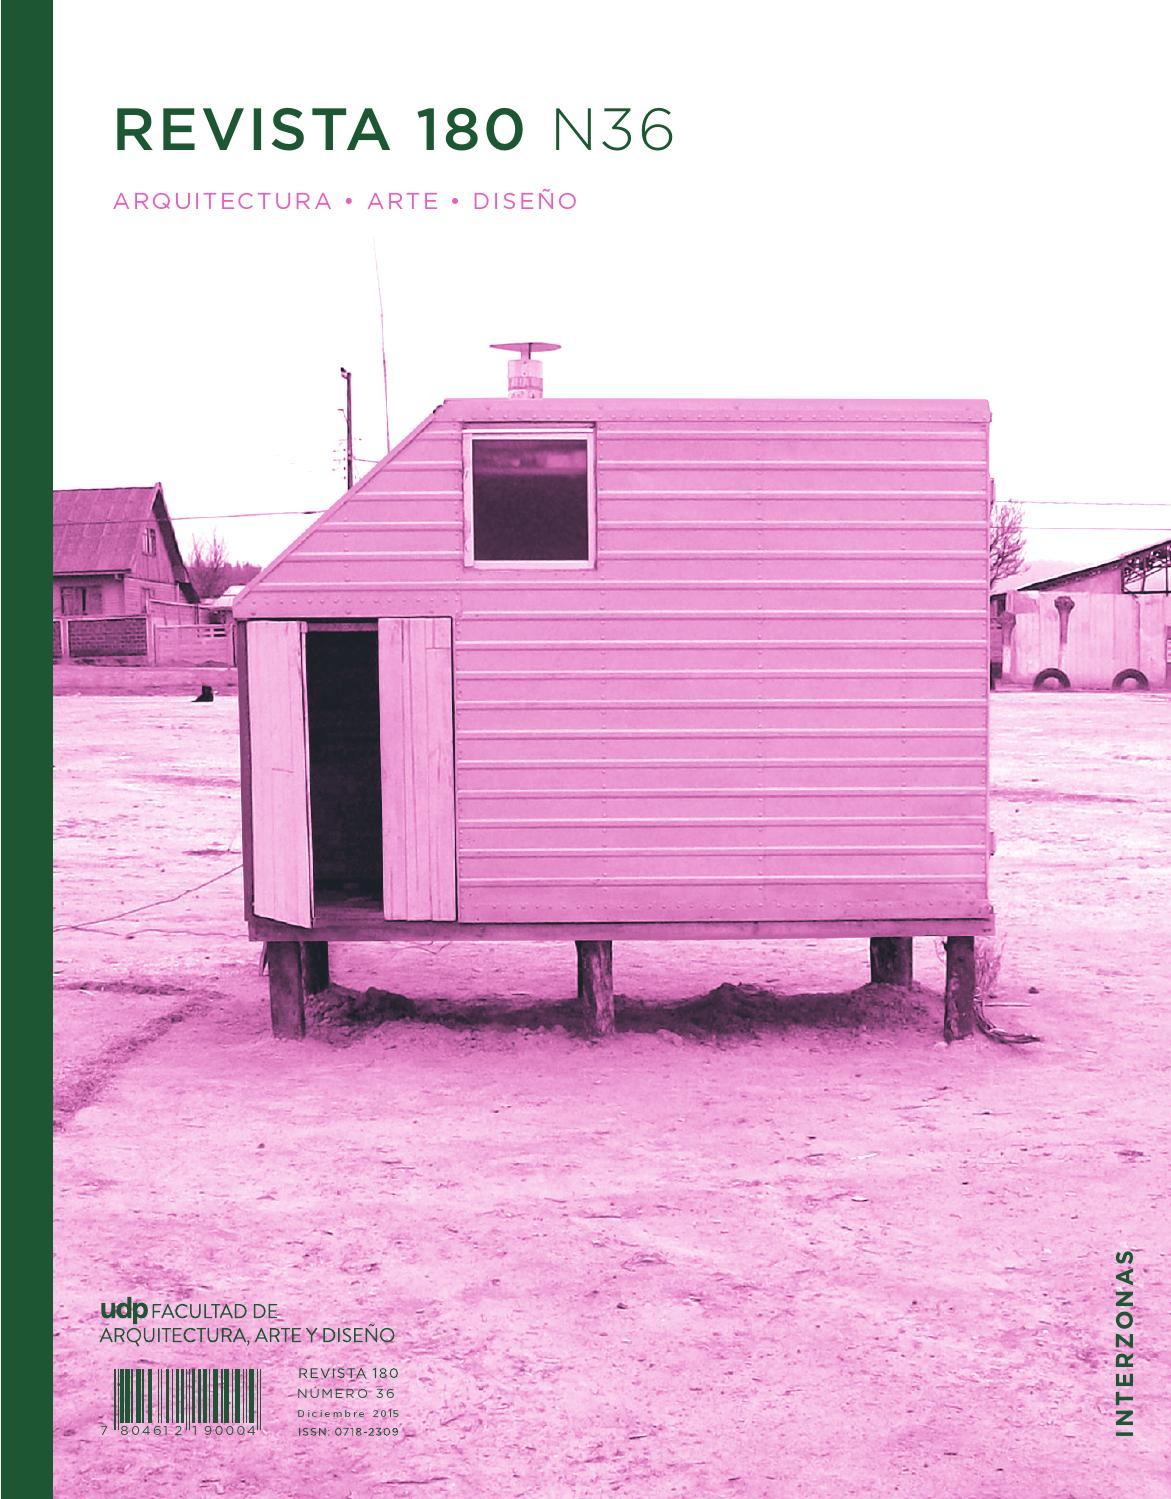 Revista180 N36 by Ediciones Escuela de diseno UDP - issuu